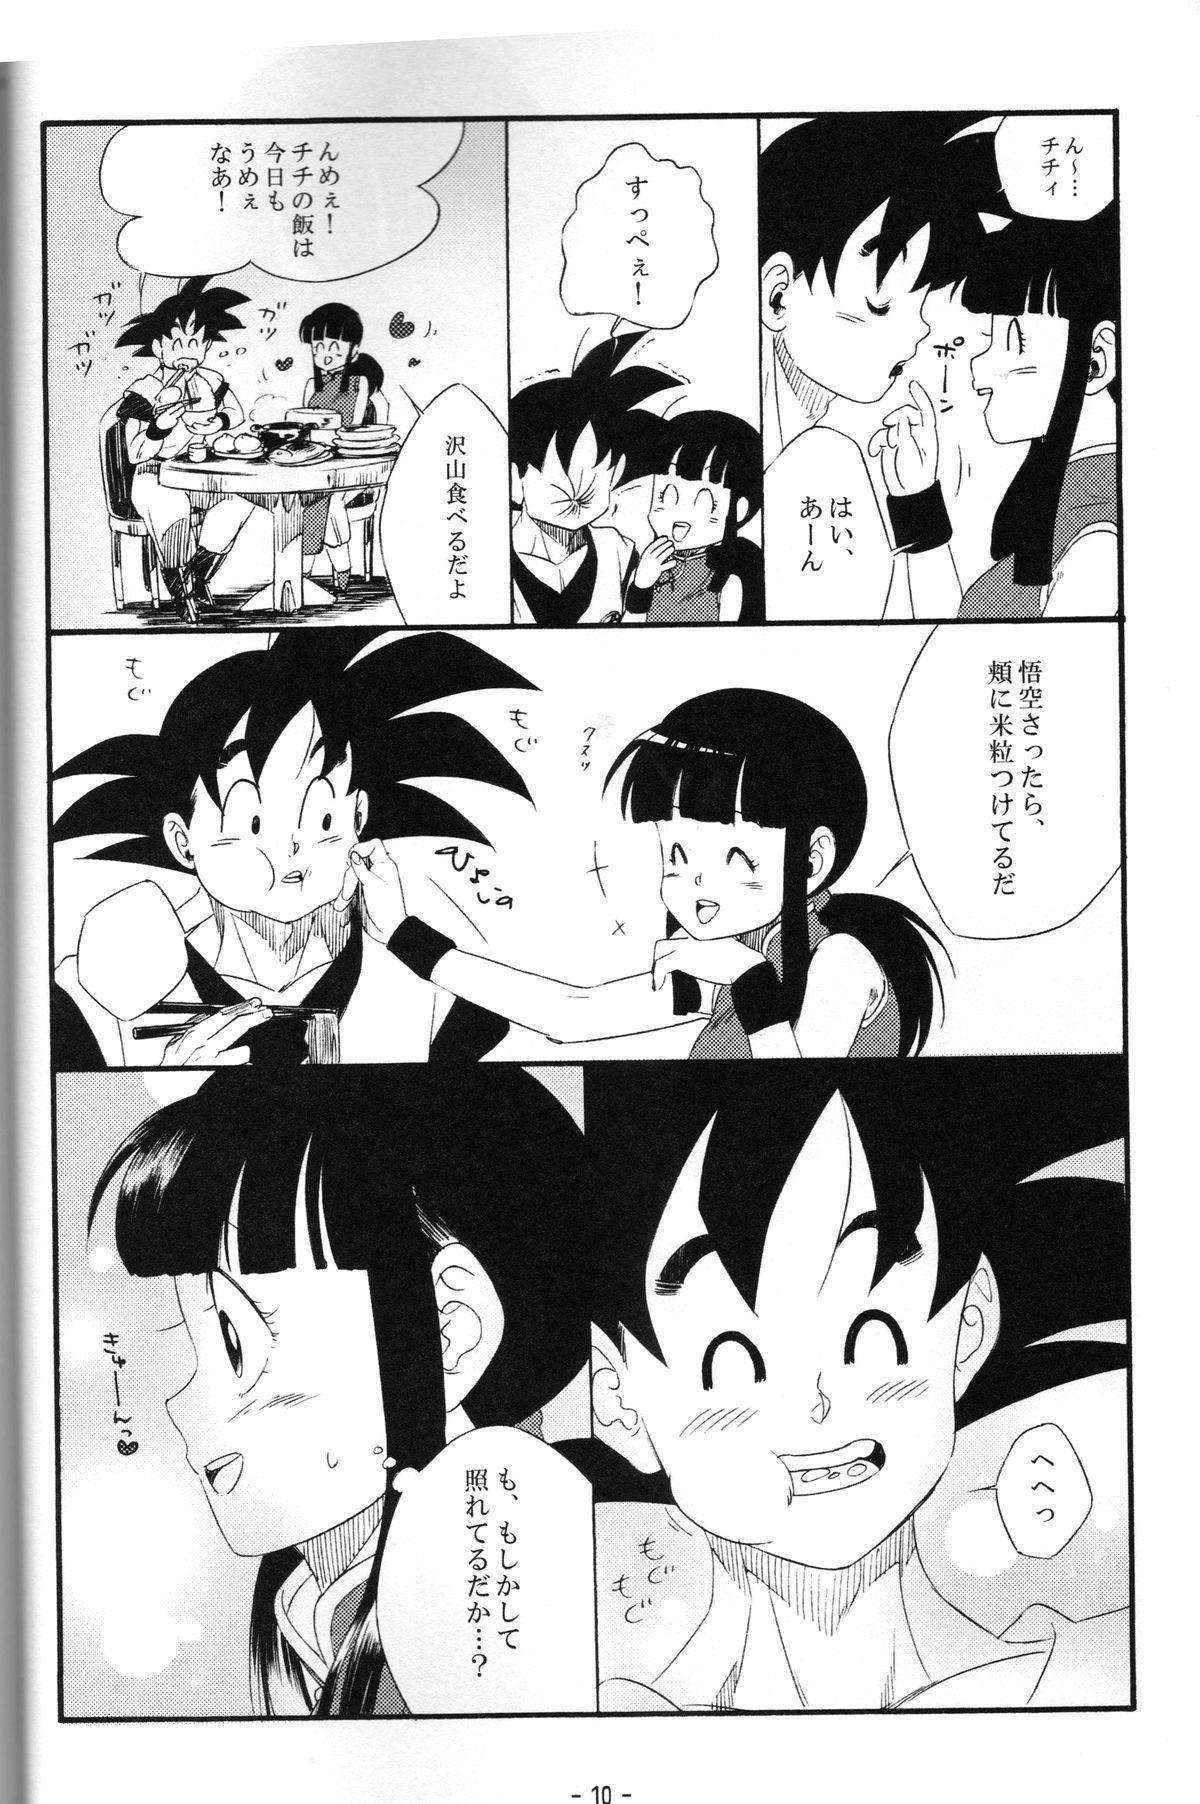 Shinmai Teishu to Koinyobo Z 8